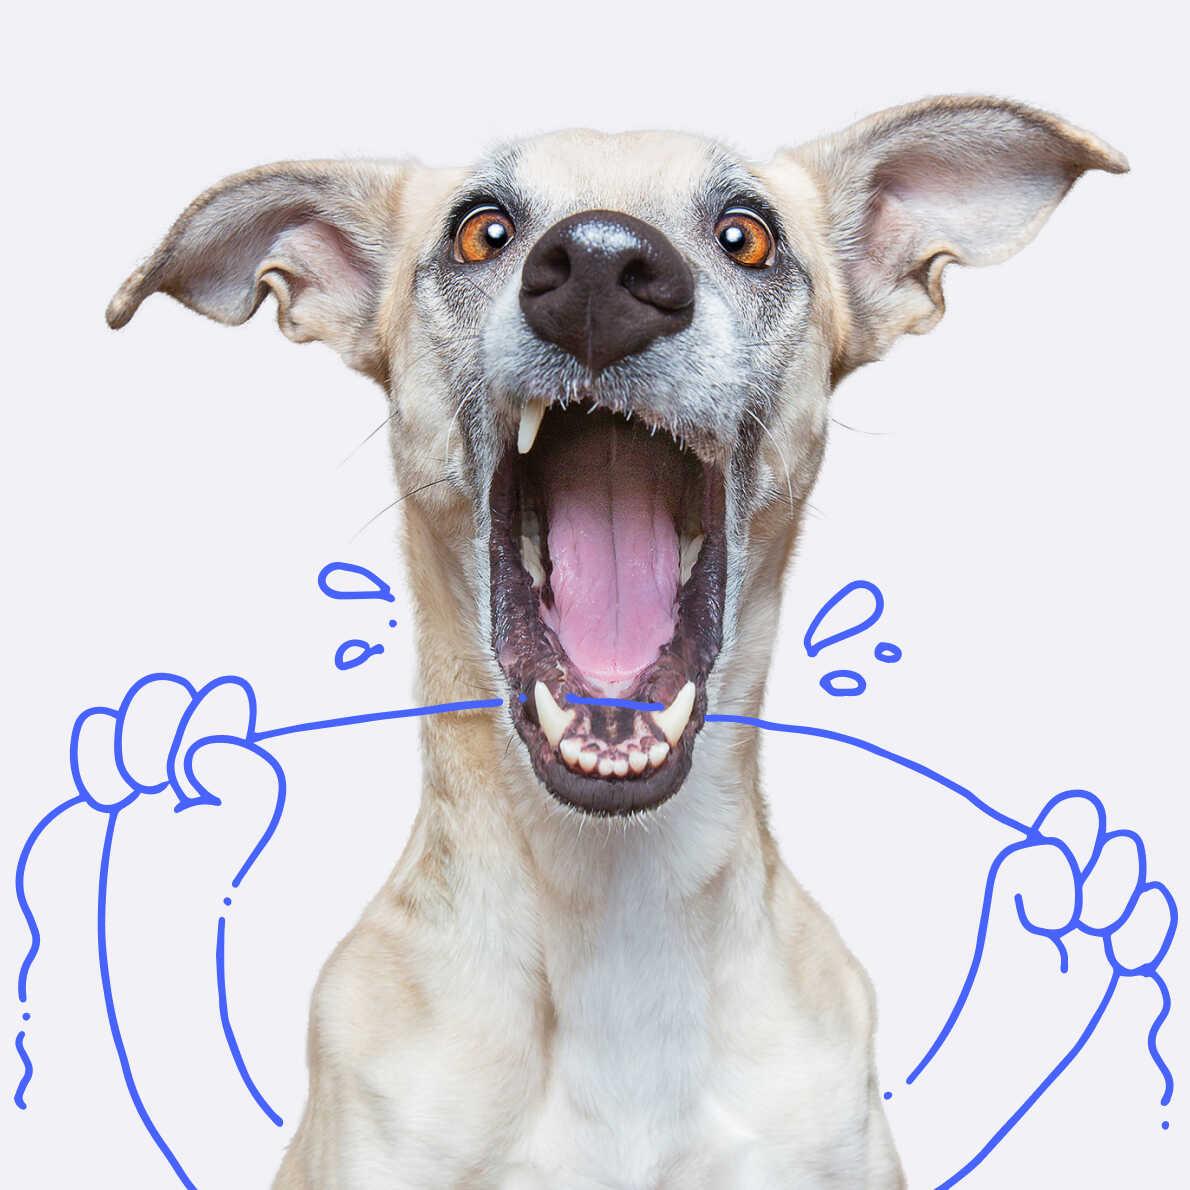 Dog flossing teeth